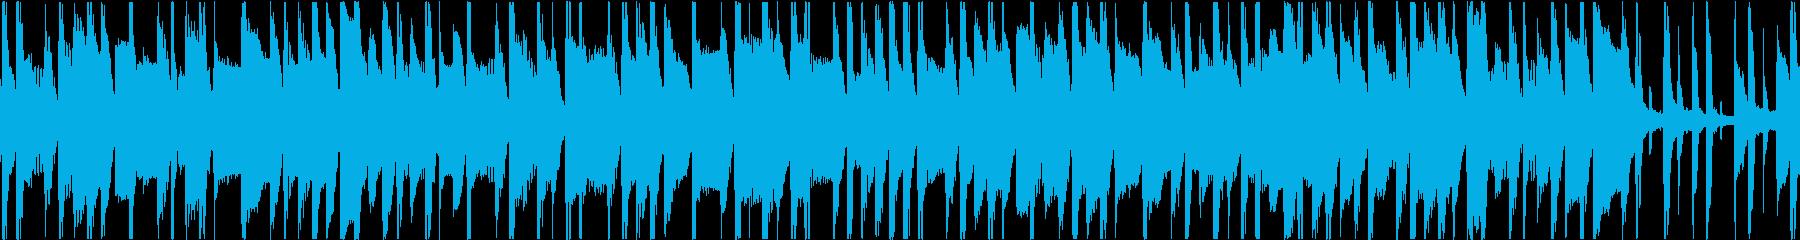 かわいい作業中BGMテクノポップの再生済みの波形